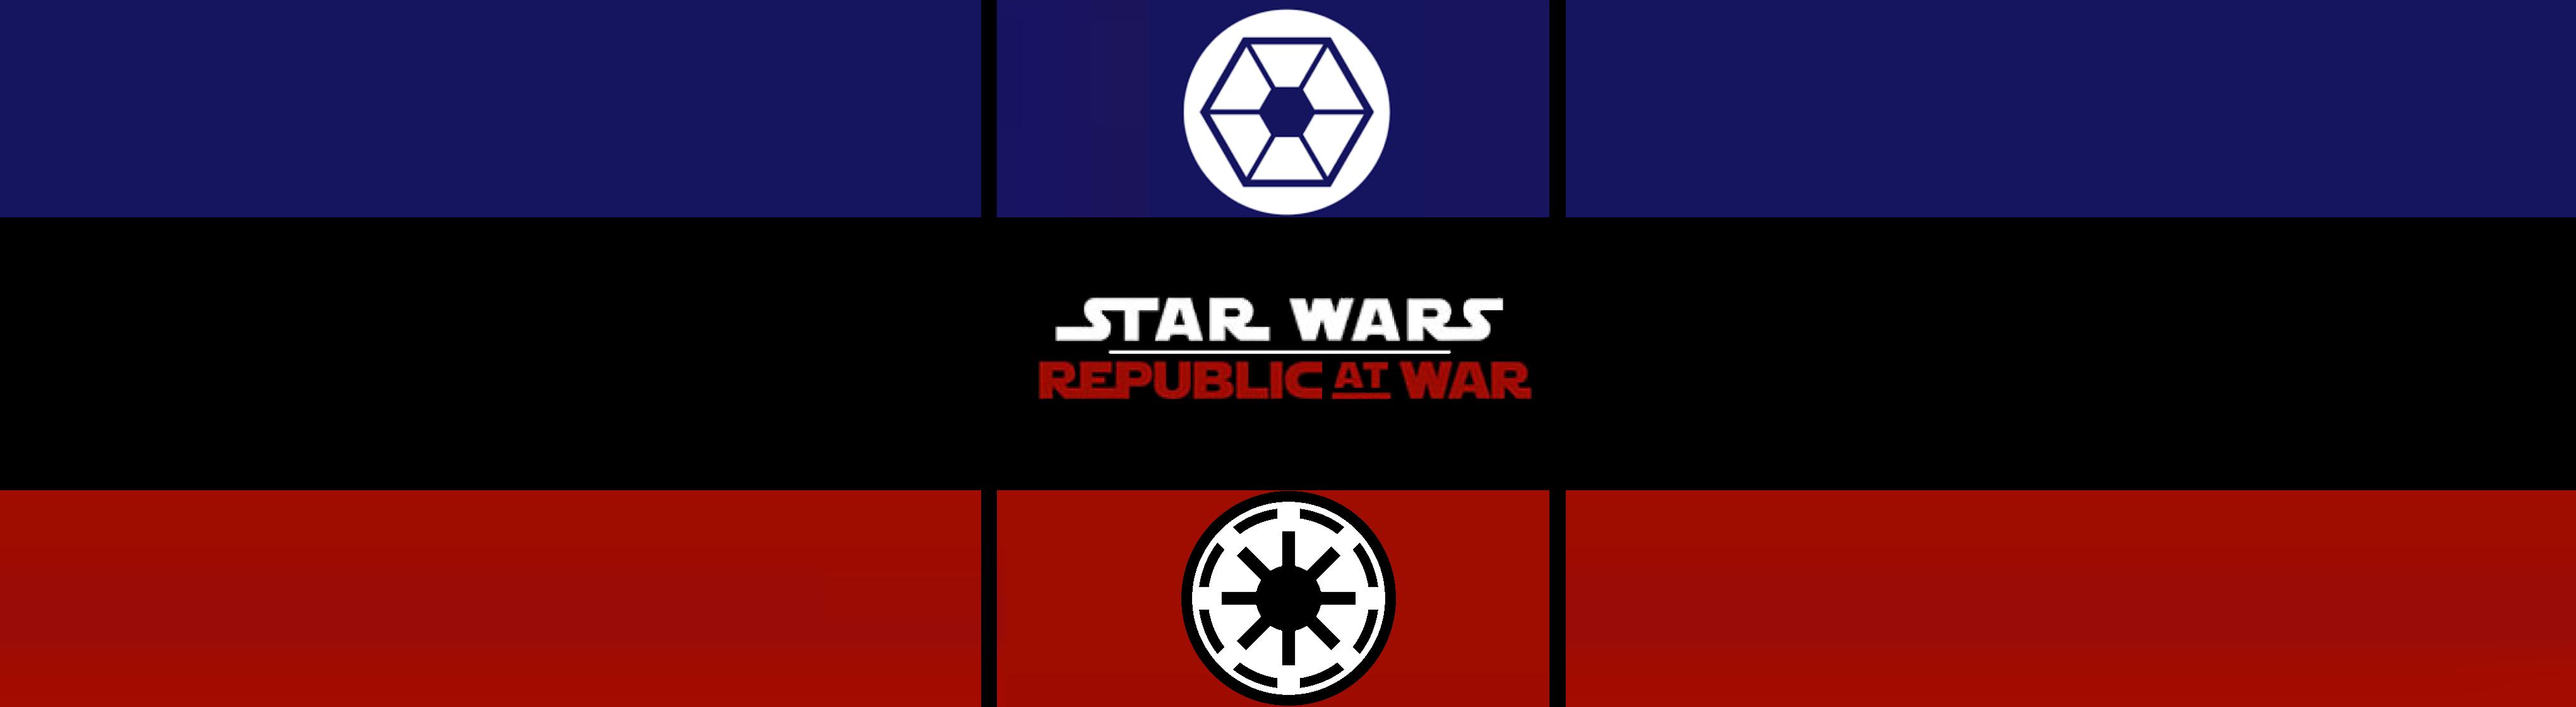 Steam Community :: Guide :: Republic at War, The Republic, a